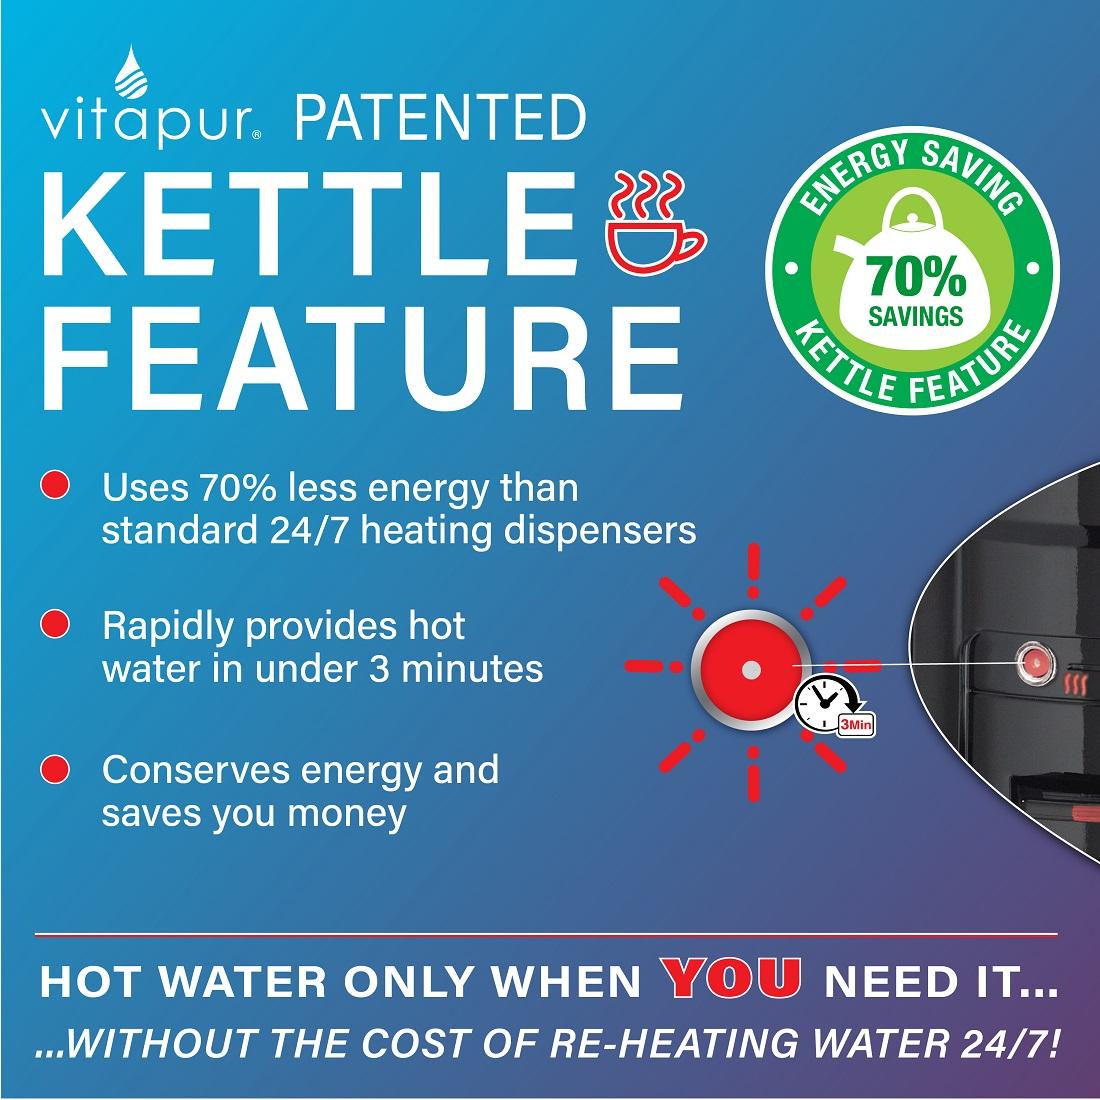 vitapur water dispenser vwd9506bls manual